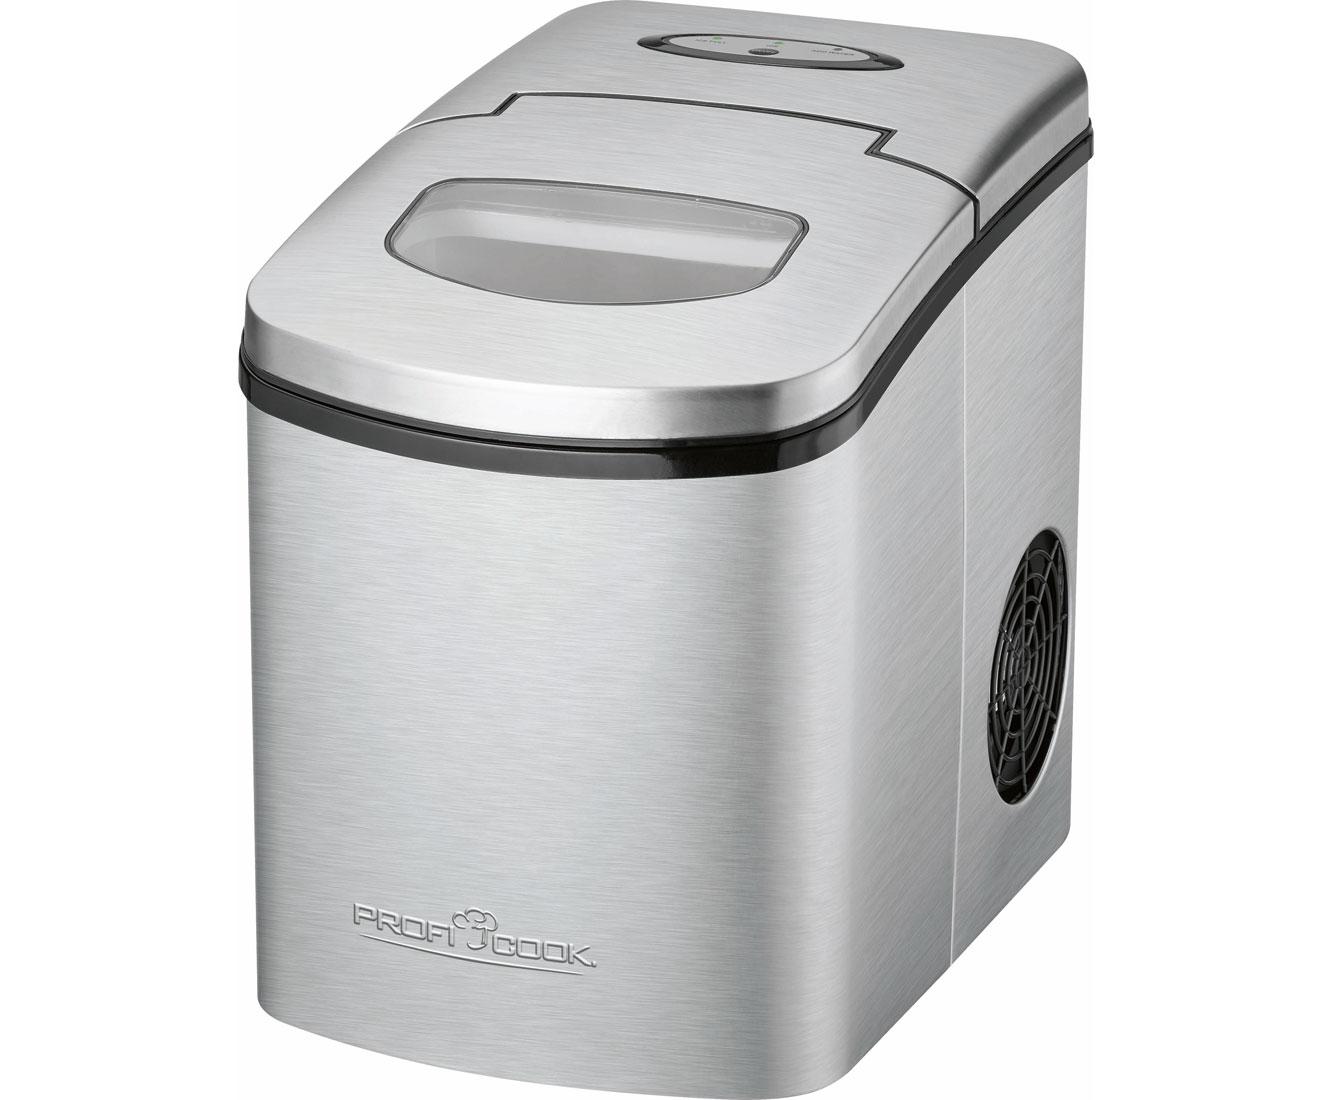 Bomann Kühlschrank Wasserablauf : Eiswürfelmaschine preisvergleich u2022 die besten angebote online kaufen